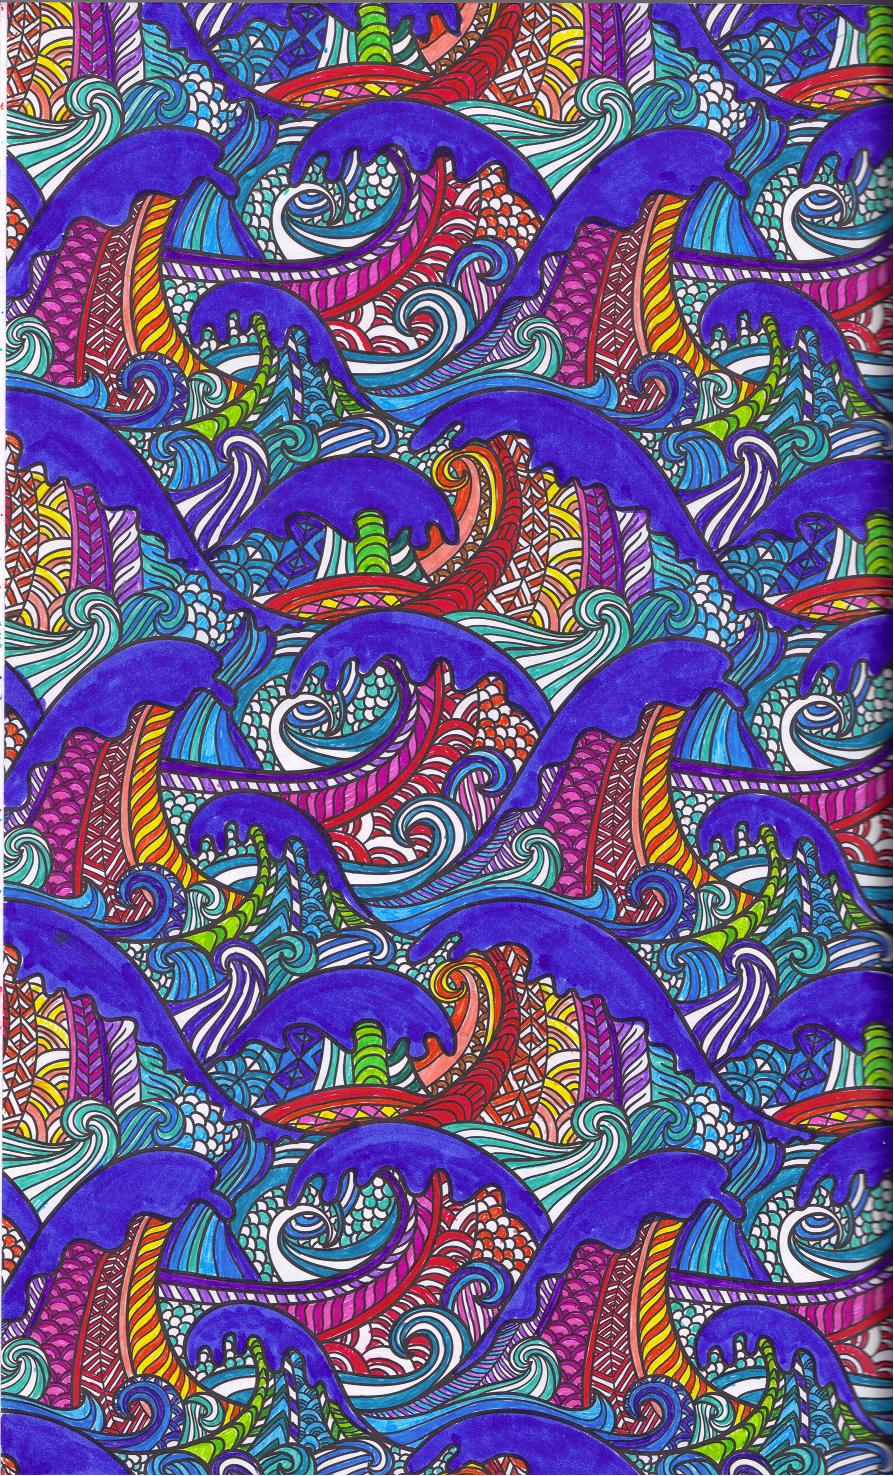 Voorbeelden Van Kleurplaten Voor Volwassenen.Kleurboek Voor Volwassenen